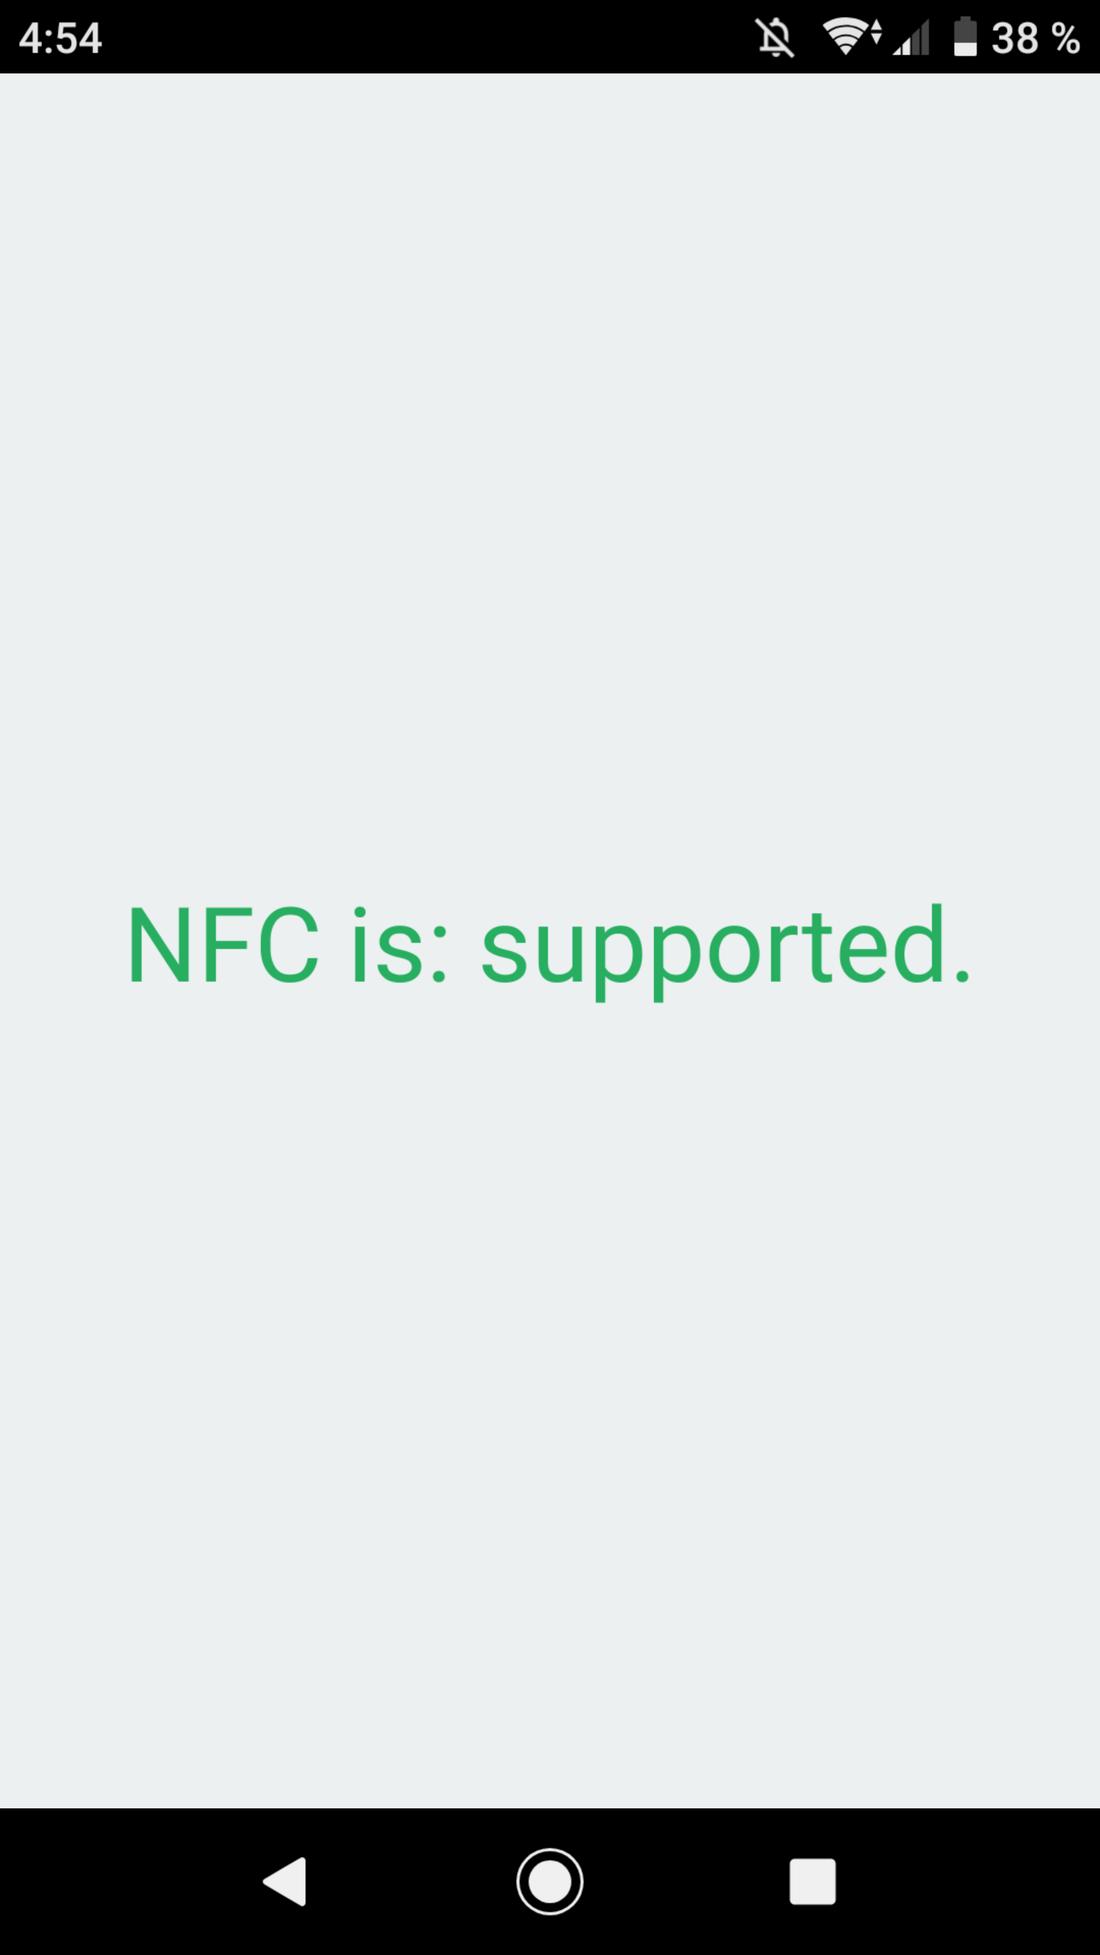 Скриншот #1 из программы NFC Enabled?